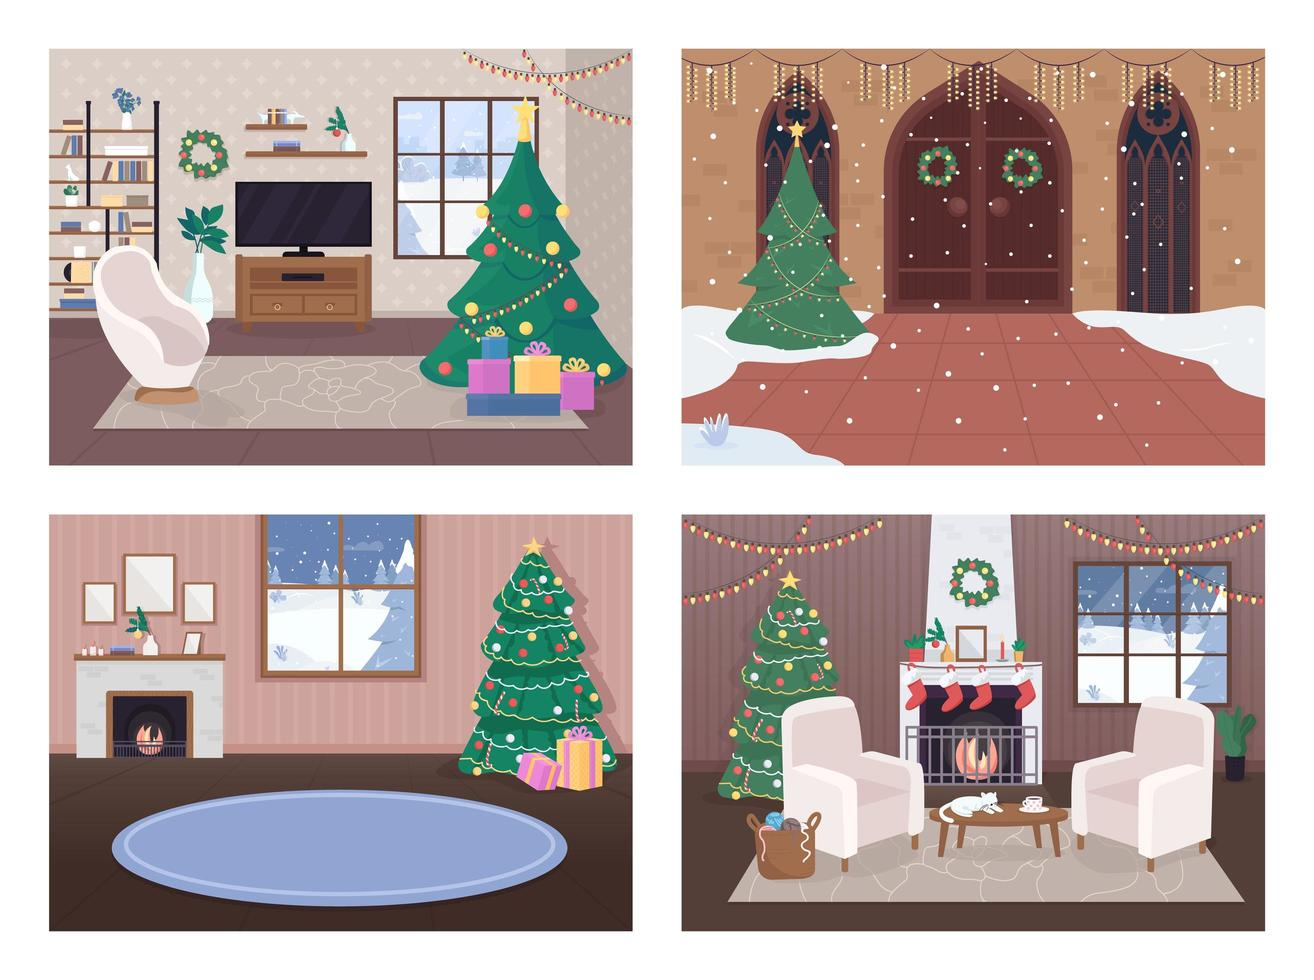 Weihnachtshaus im Set vektor